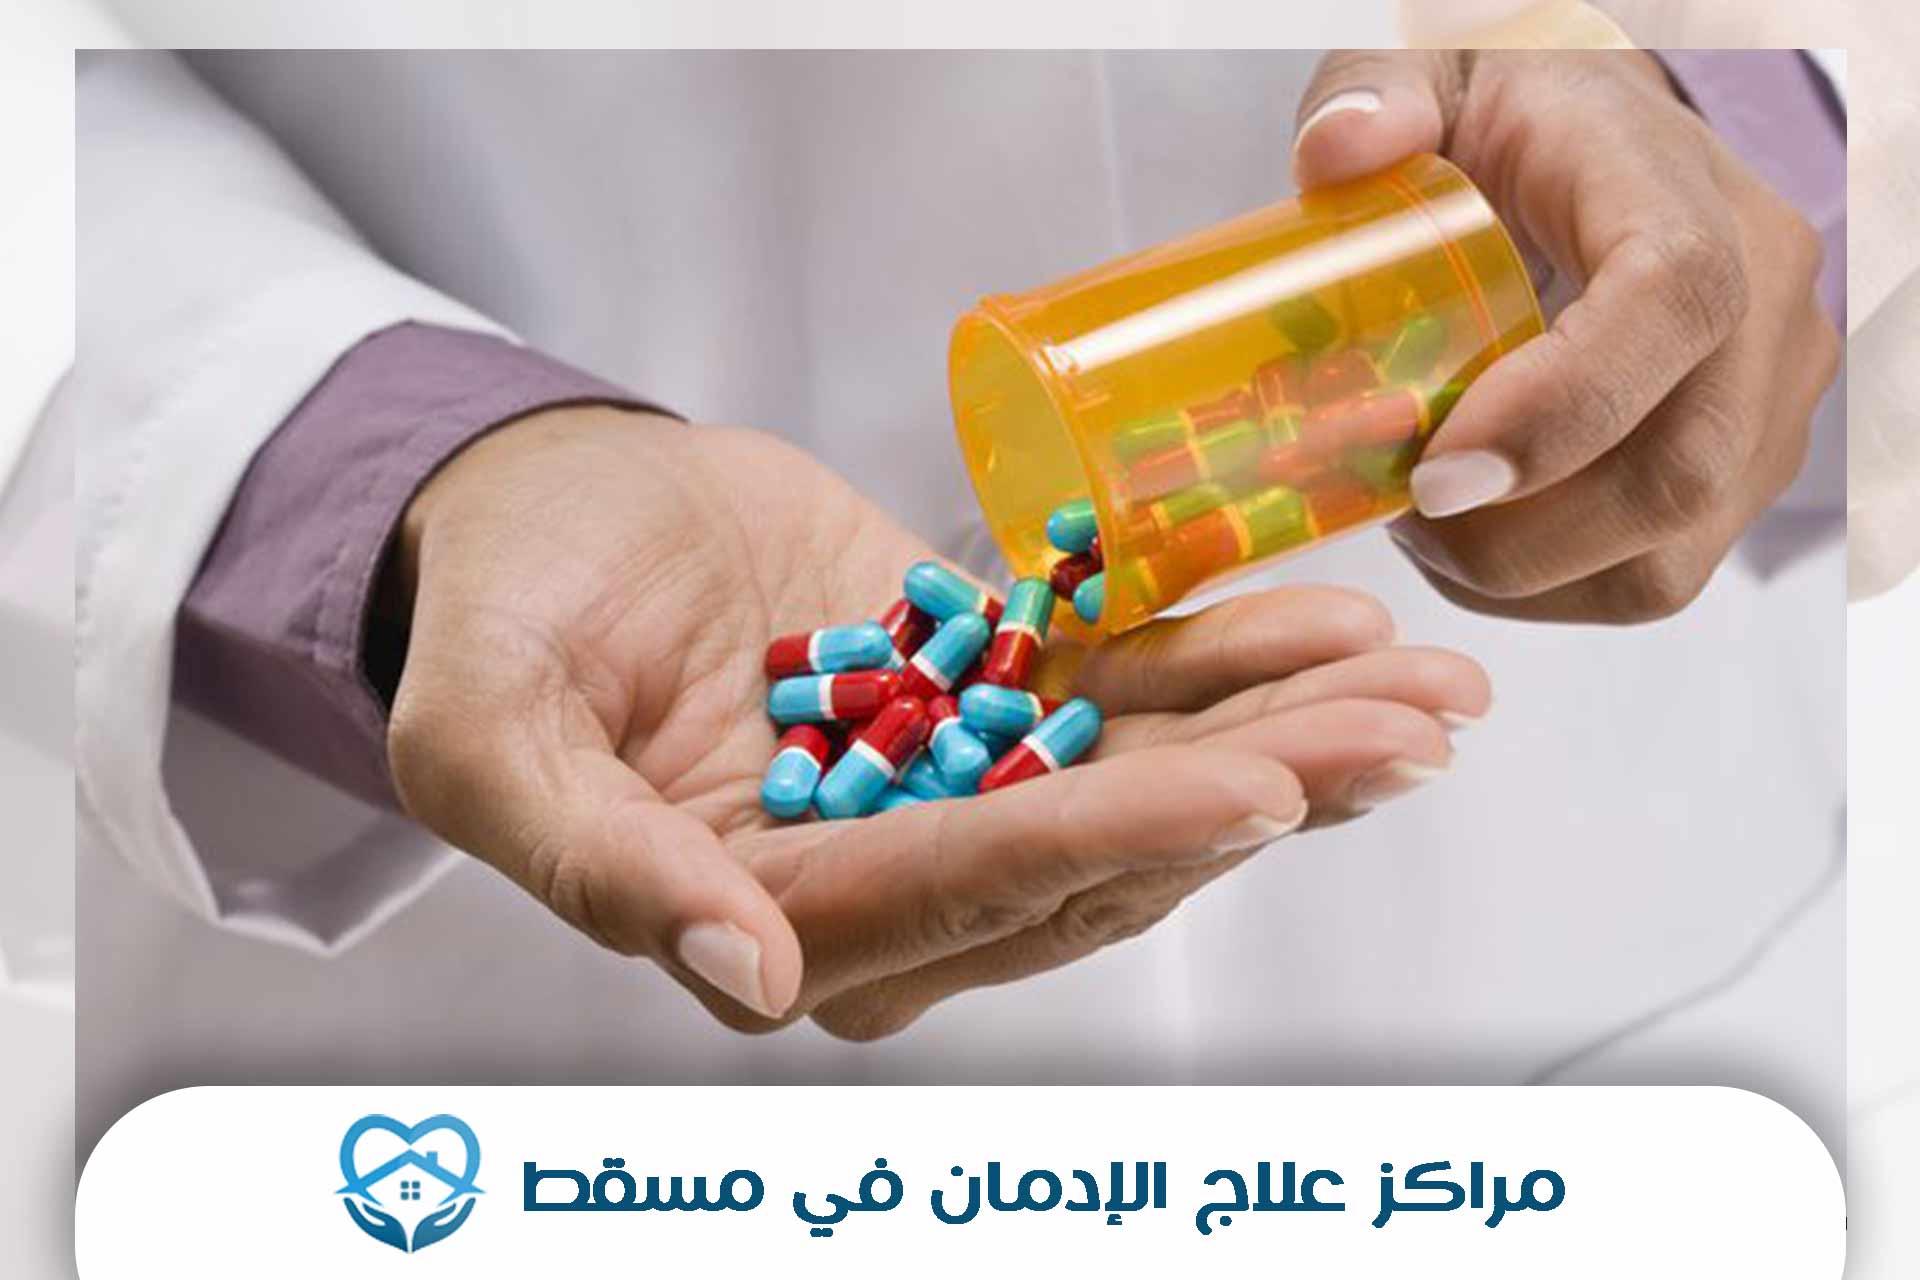 مراكز علاج الإدمان في مسقط